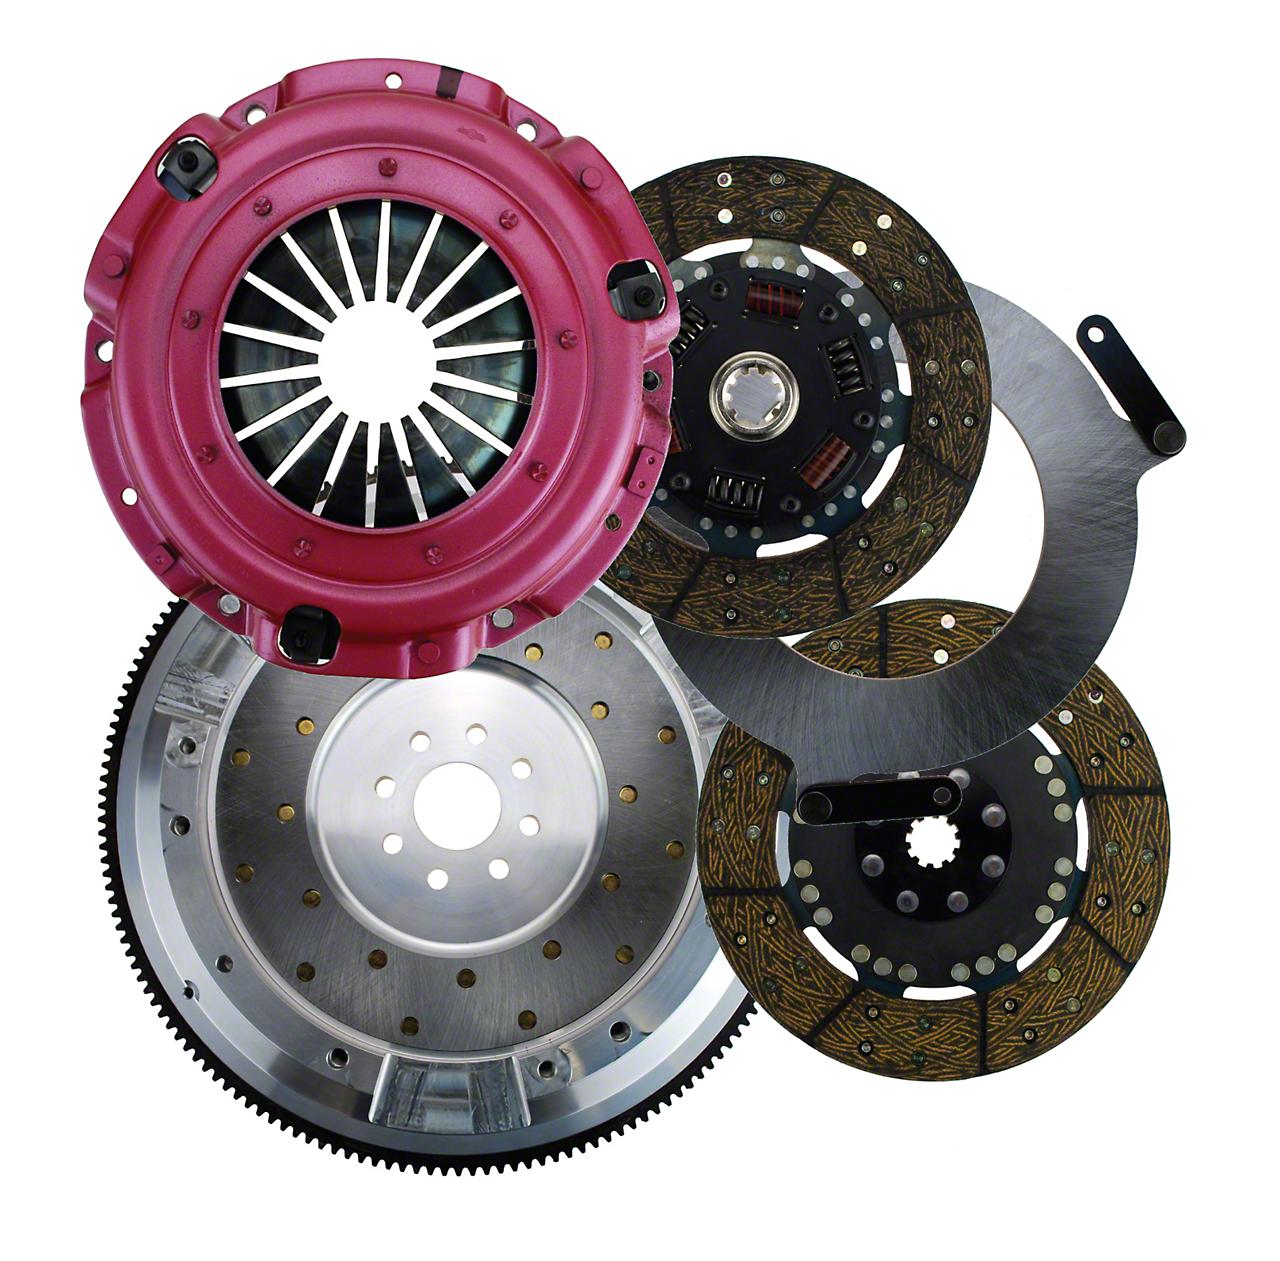 RAM Street Dual Disc Force 9.5 Clutch w/ Flywheel - 10 Spline - 8-Bolt (96-10 4.6L)